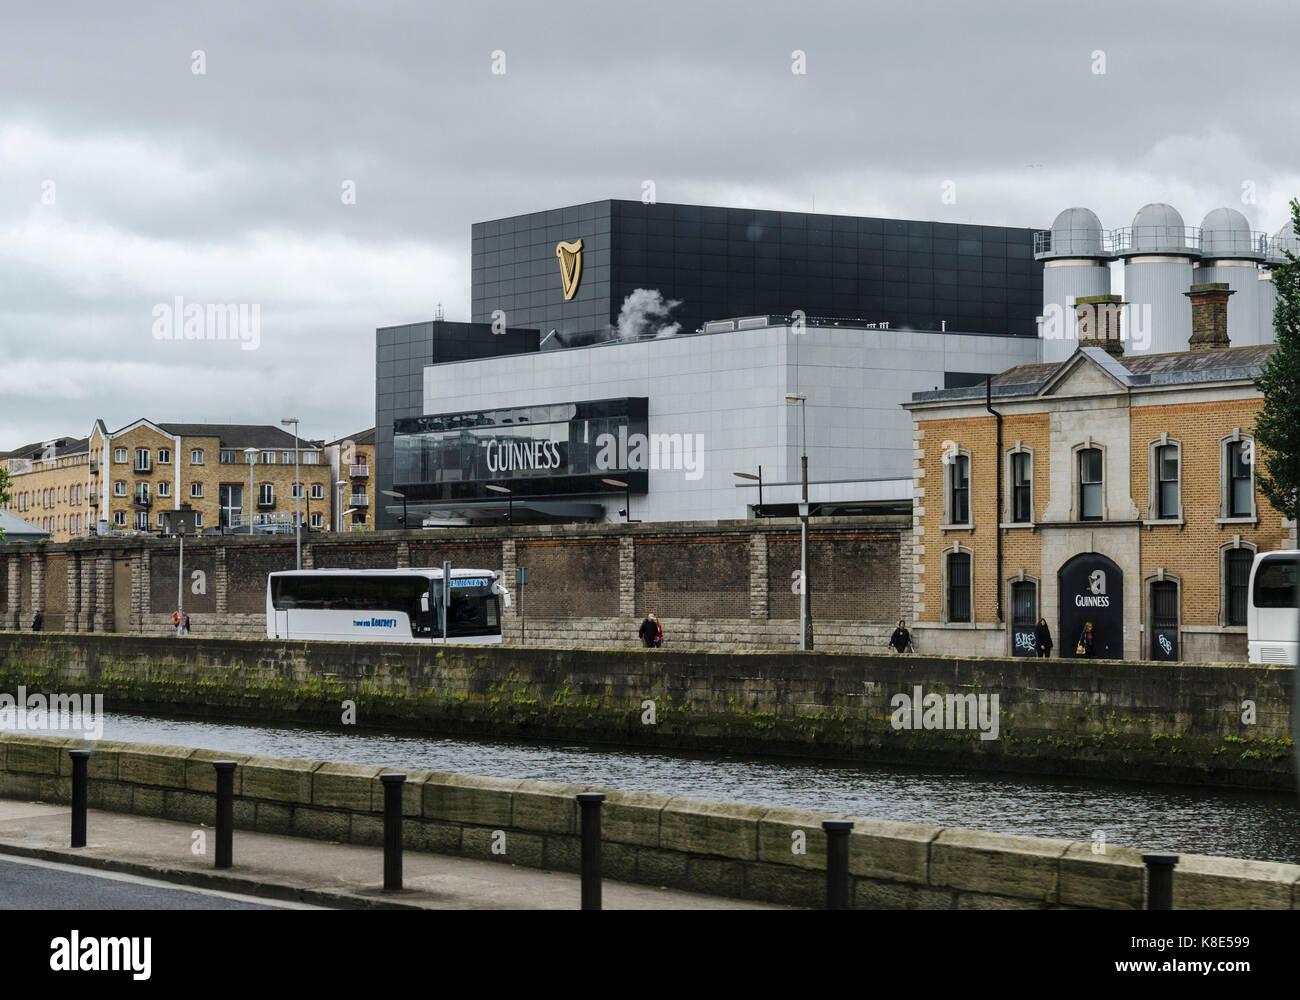 Irland, Dublin, Brauerei komplexe Guiness, Irland, Brauereikomplex Guiness Stockbild